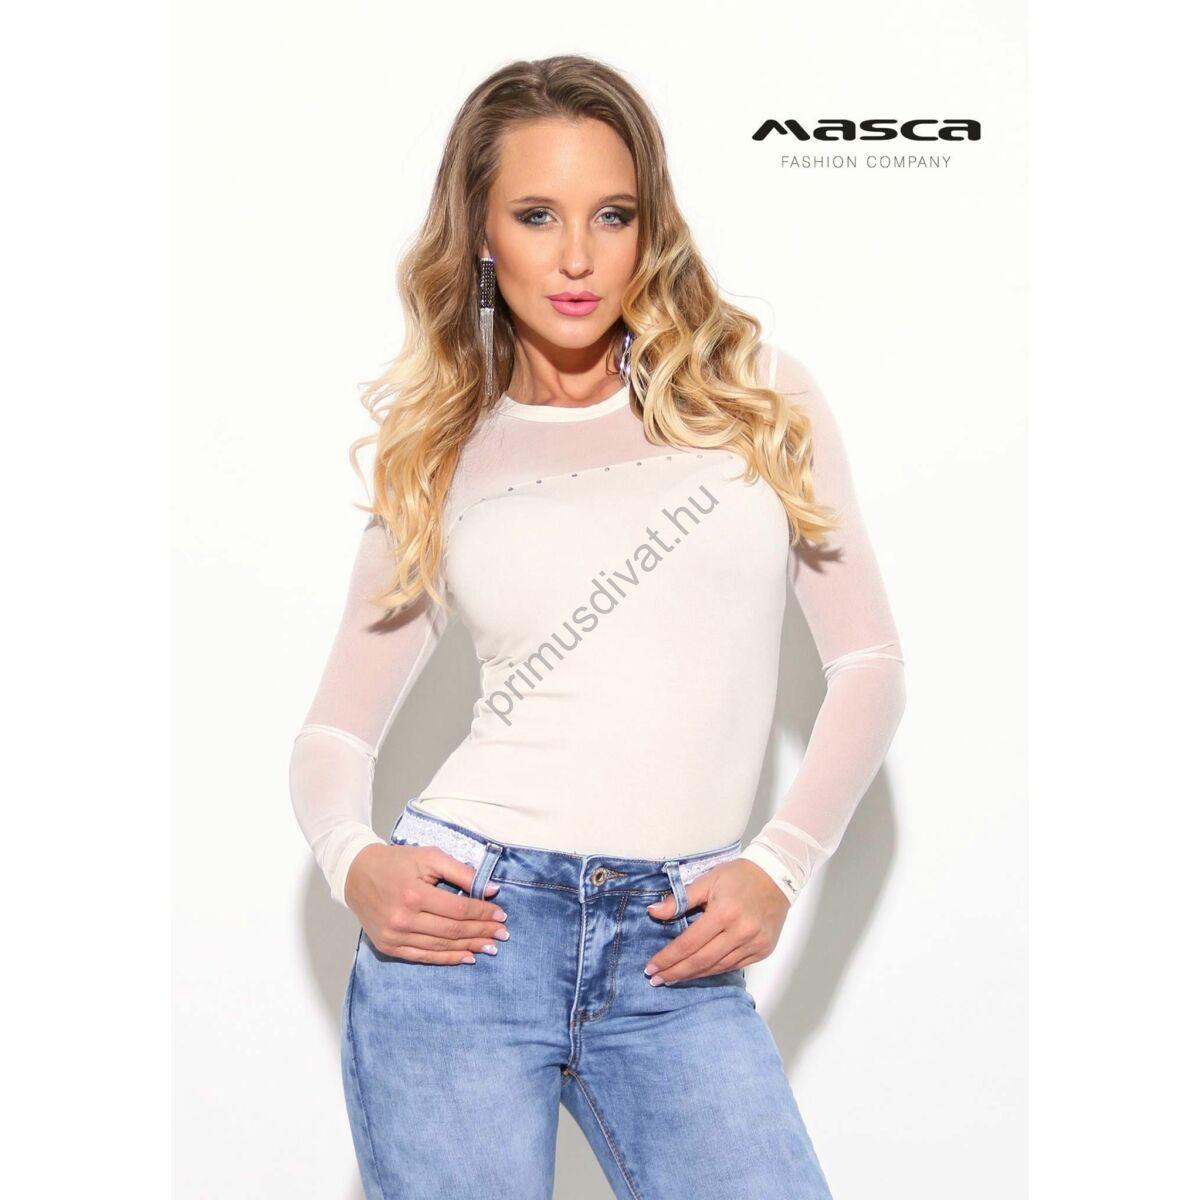 593f6b0afe Kép 1/1 - Masca Fashion környakas, rugalmas muszlin hosszú ujjú törtfehér  felső, mellén strasszkövekkel